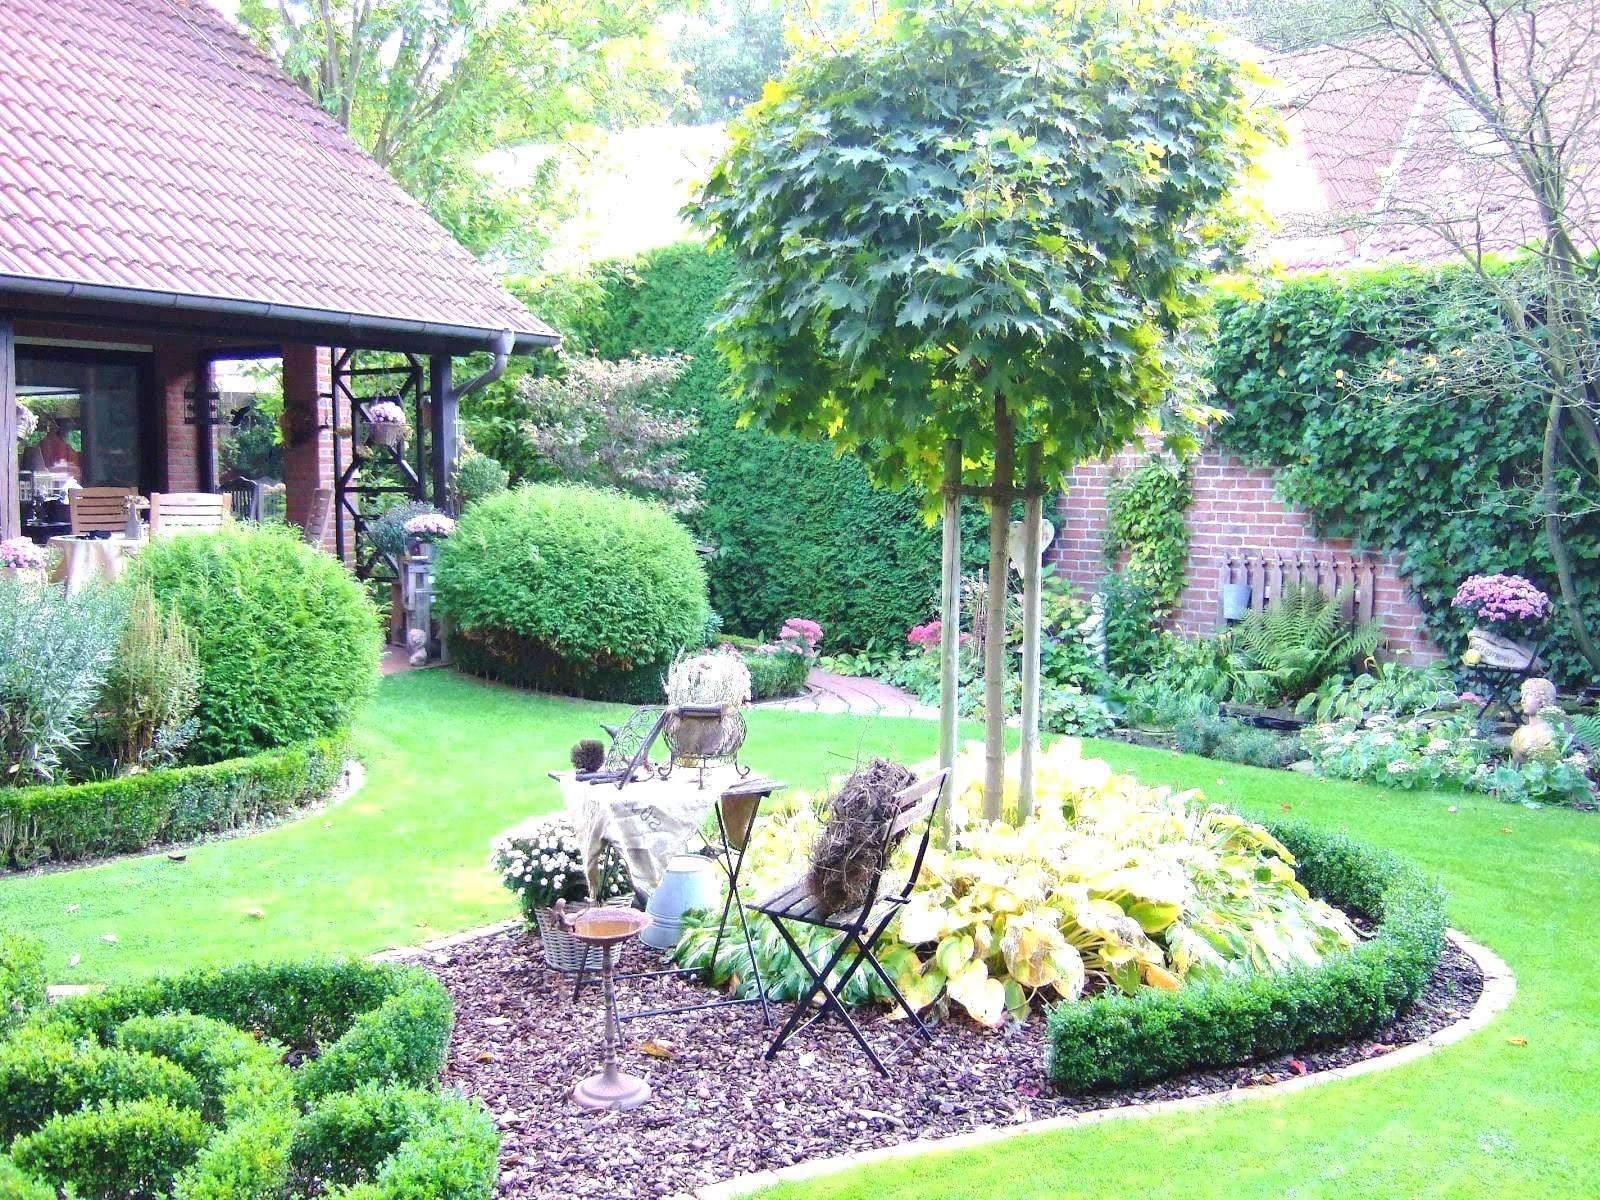 Garten Anlegen Bilder Inspirierend Garten Ideas Garten Anlegen Inspirational Aussenleuchten